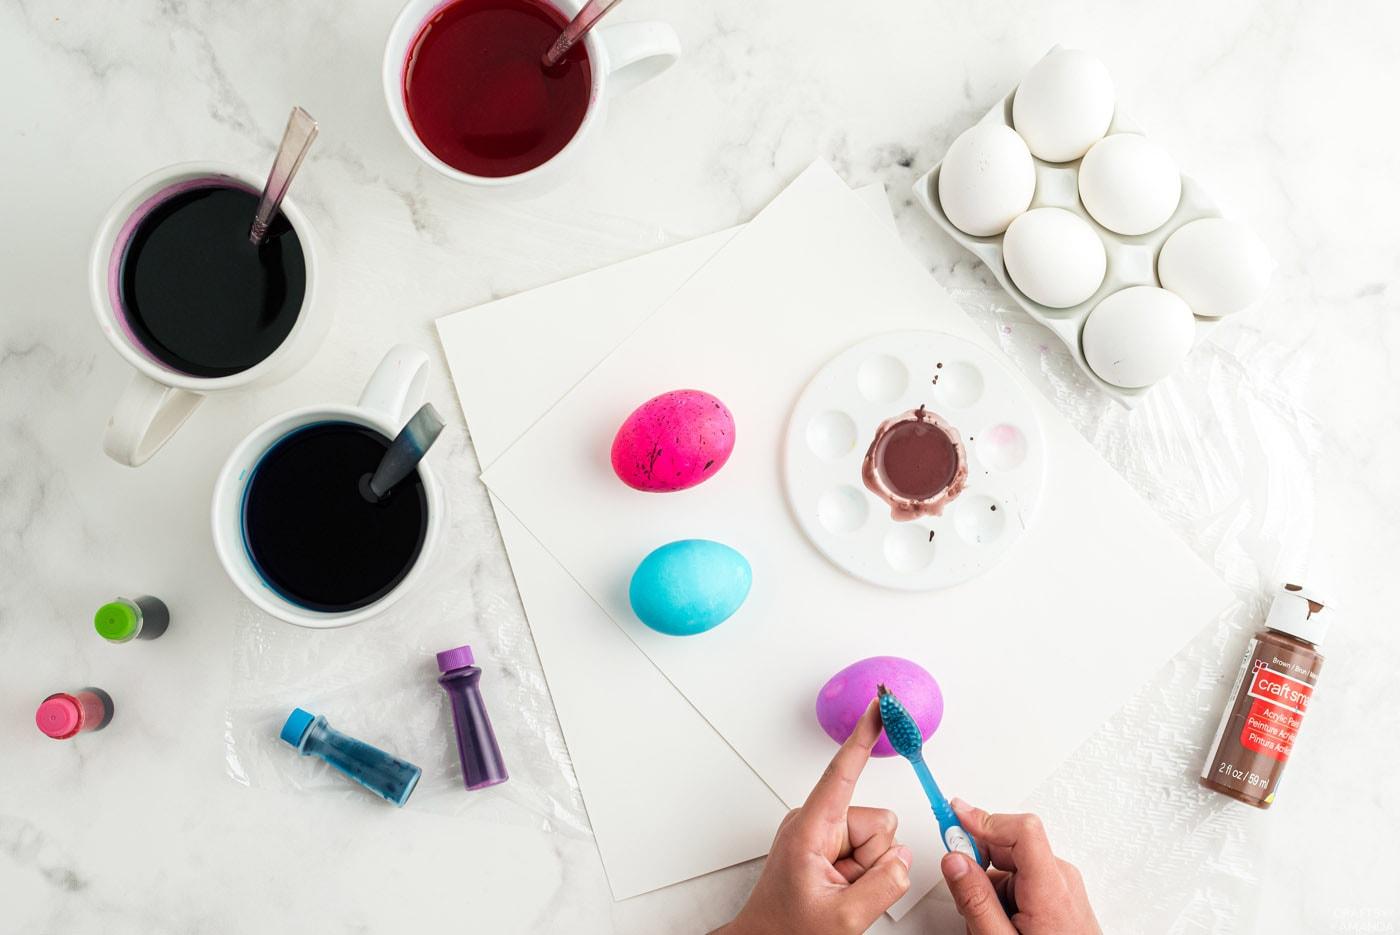 utiliser une brosse à dents pour appliquer de la peinture sur des œufs colorés